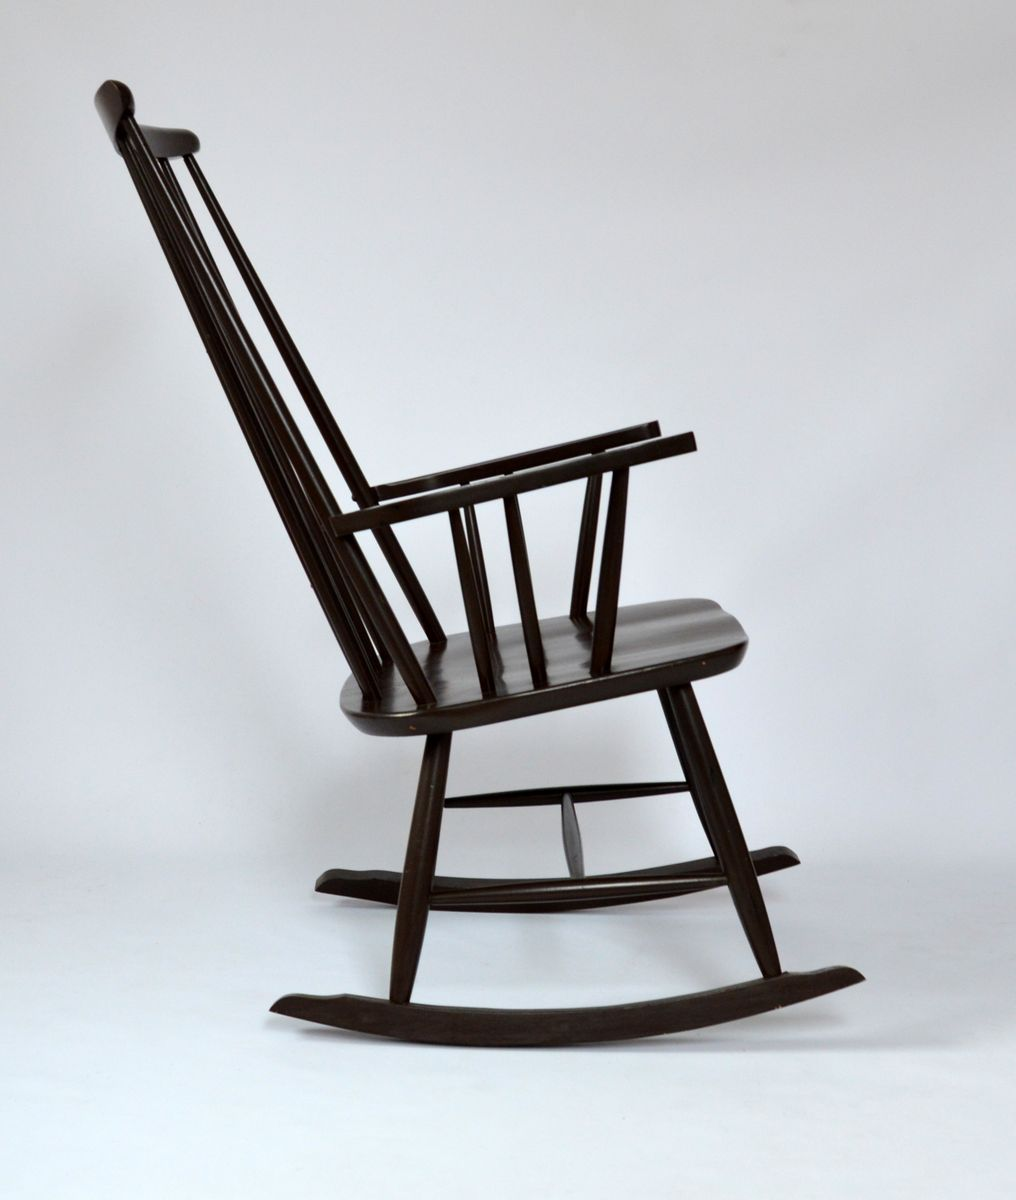 Sedia a dondolo di R. Rainer, 1955 in vendita su Pamono